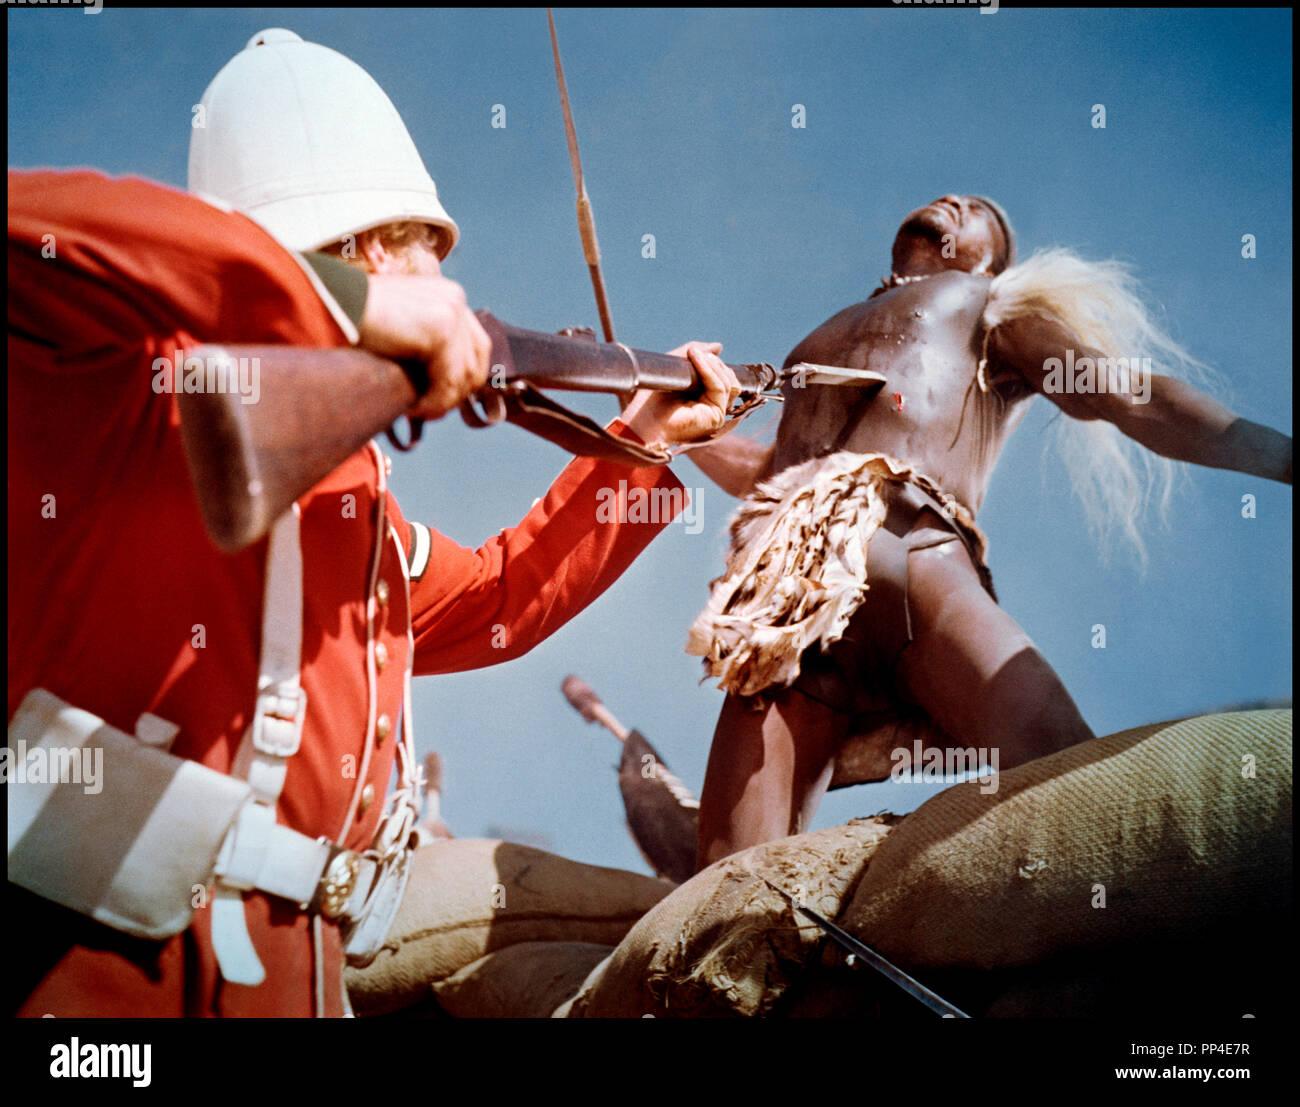 Prod DB © Diamond Films / DR ZOULOU (ZULU) de Cy Endfield 1964 Go direction militaire anglais, britanique, bataille, afrique, guerre, champ de bataille, combat, baionnette Photo Stock